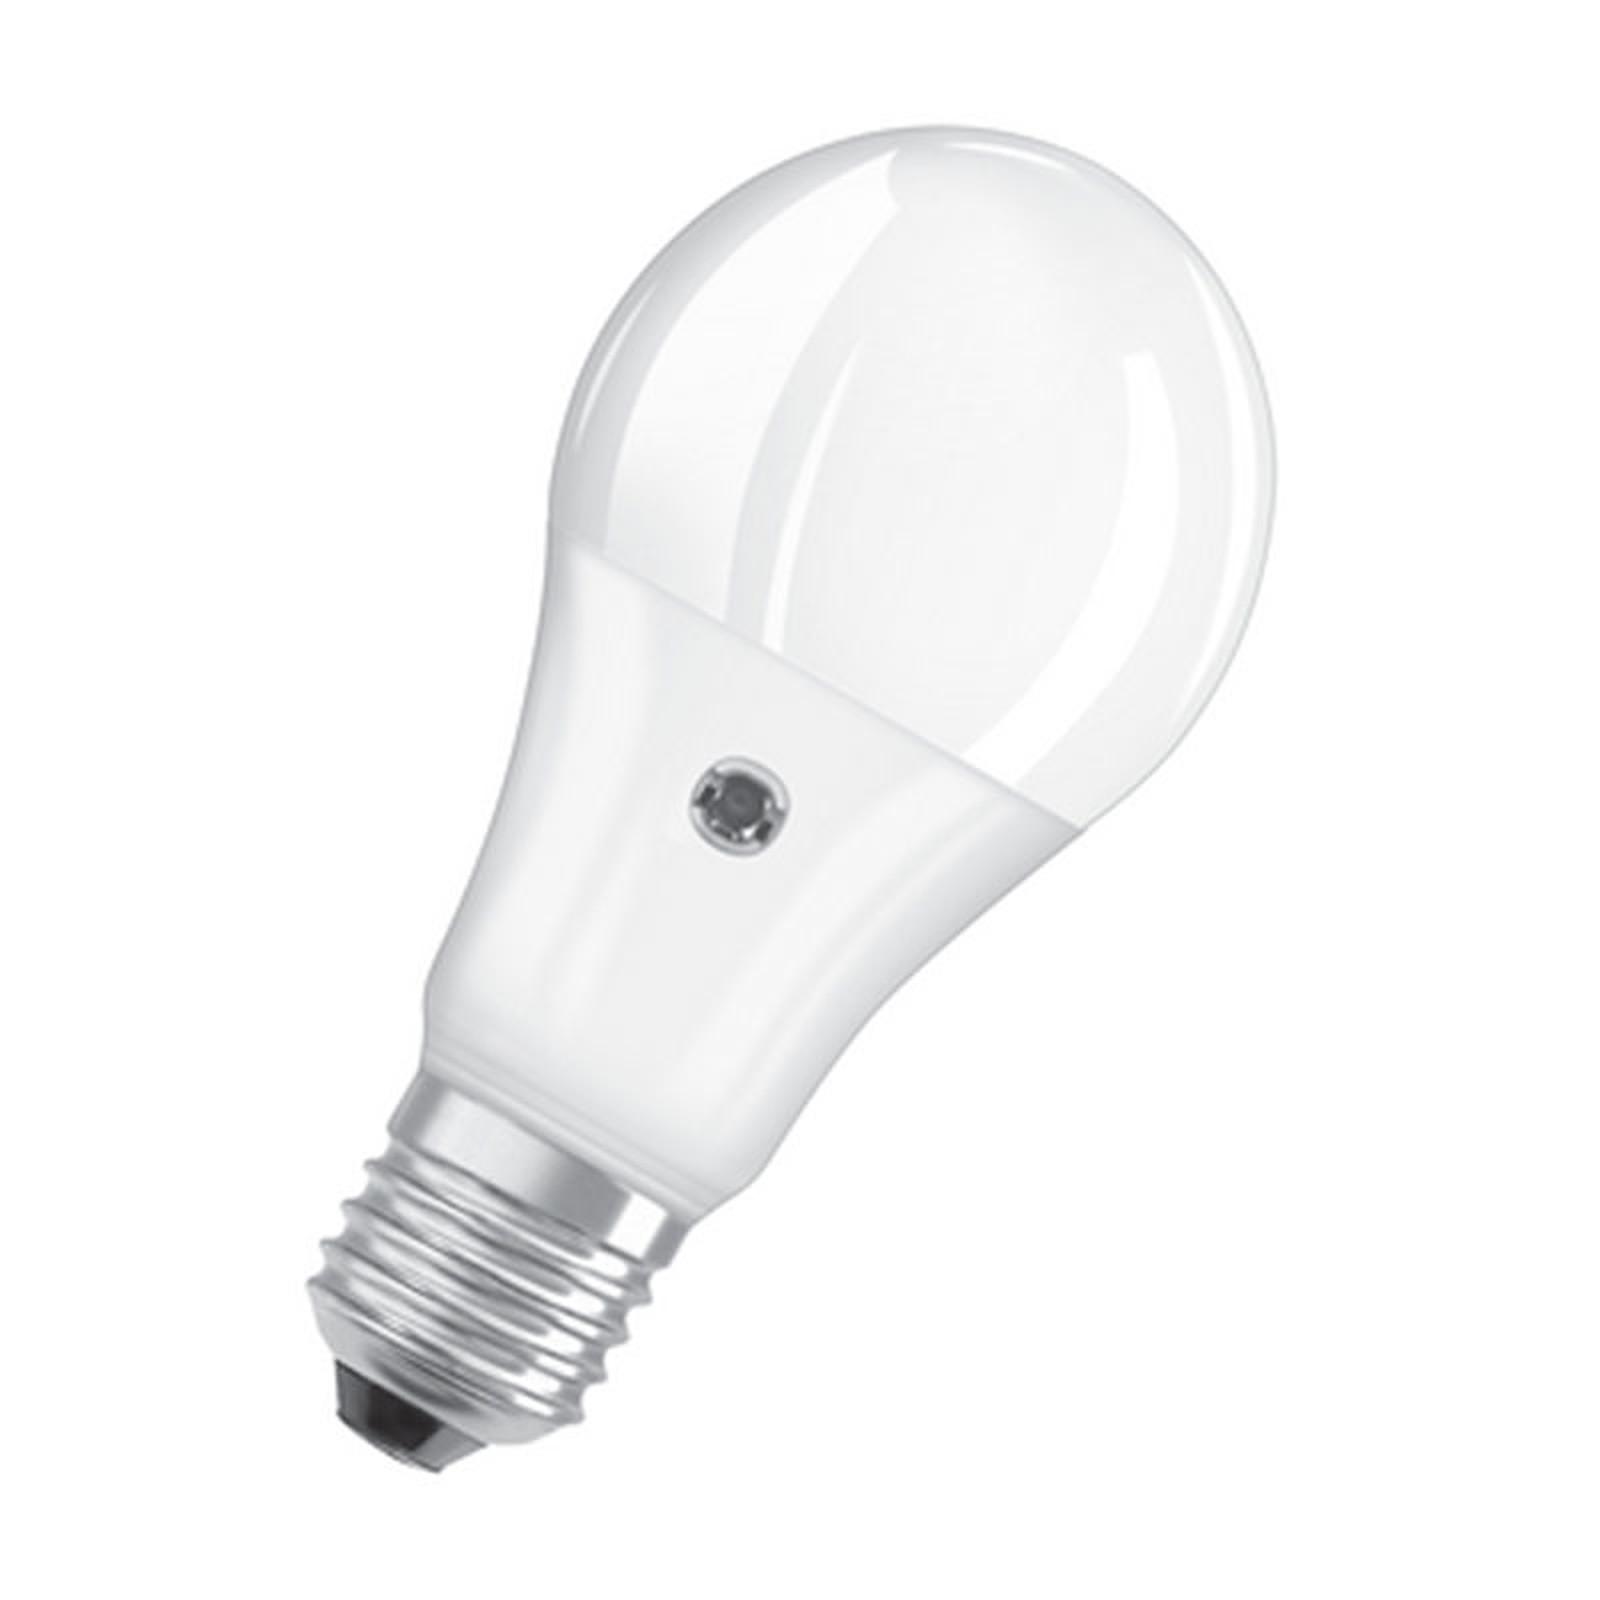 OSRAM LED Sensor Classic E27 9.5W (60W) A+ LED Bombilla